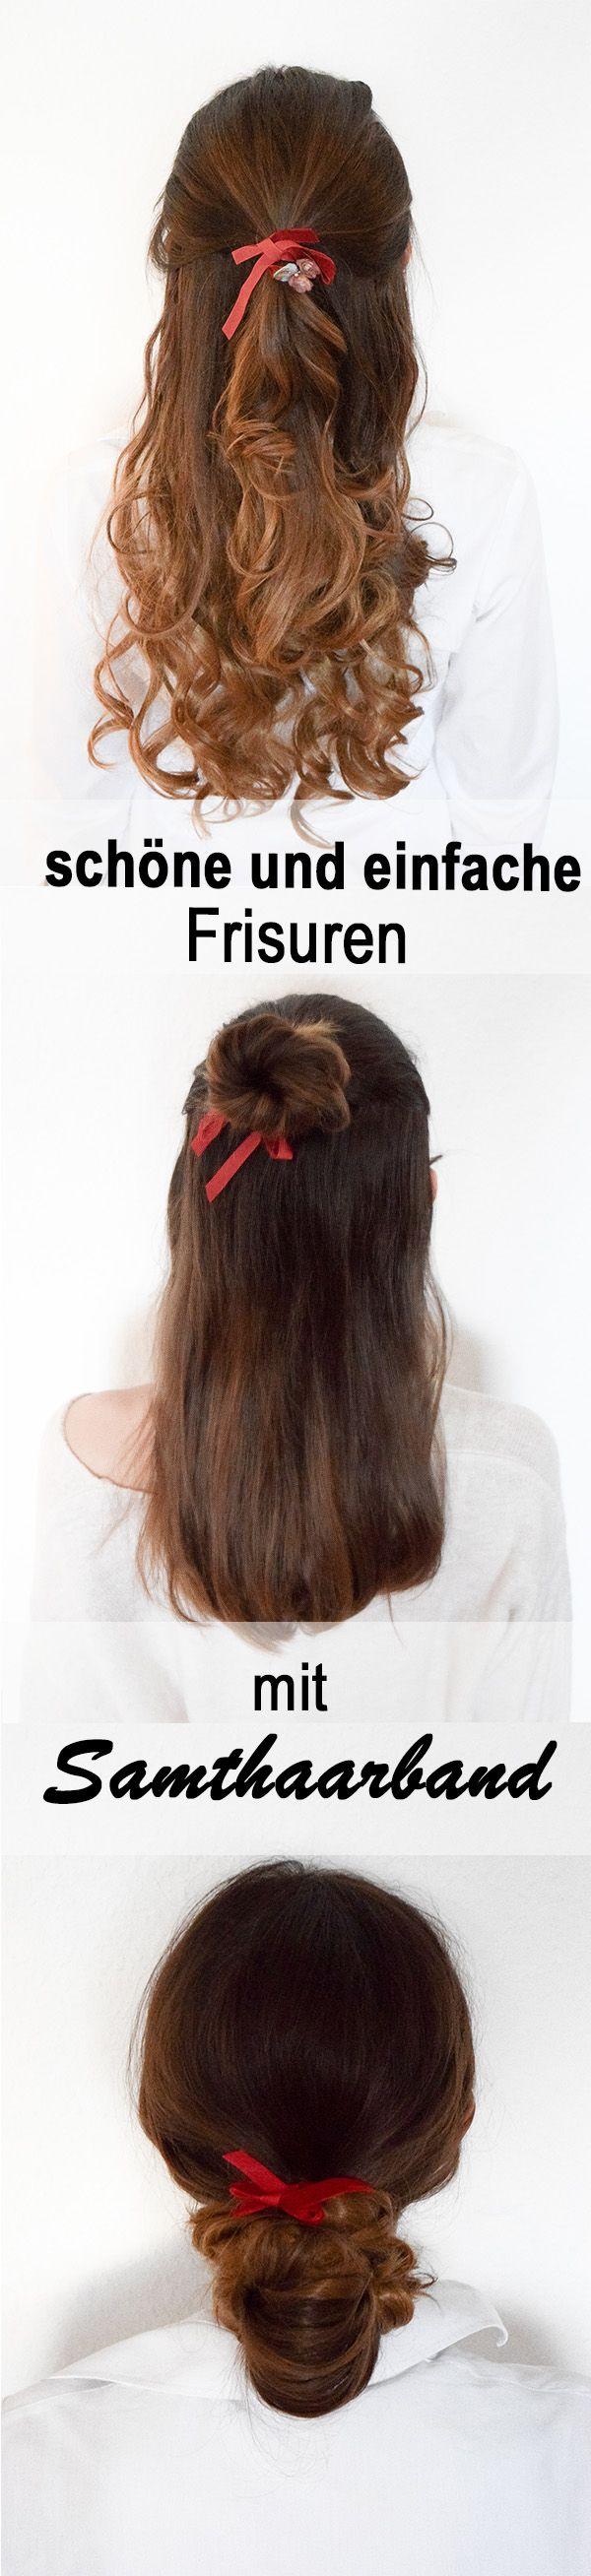 Schöne und einfache Frisuren mit einem Samthaarband. Das rote Duttbändchen von Weareflowergirls eignet sich perfekt für verschiedene Frisur Varianten. Das rote samtene Duttbändchen ist mit Vintage Blumen verziert. Der Half Tail, der Low Bun und der Half Bun werden zu etwas ganz besonderem mit einem zusätzlichen Haarbändchen. Lange Haare mit Locken, braune lange Haare mit blonden karamell Balayage Highlights. Mittellange brünette Haare mit natürlichem Ombré Effekt